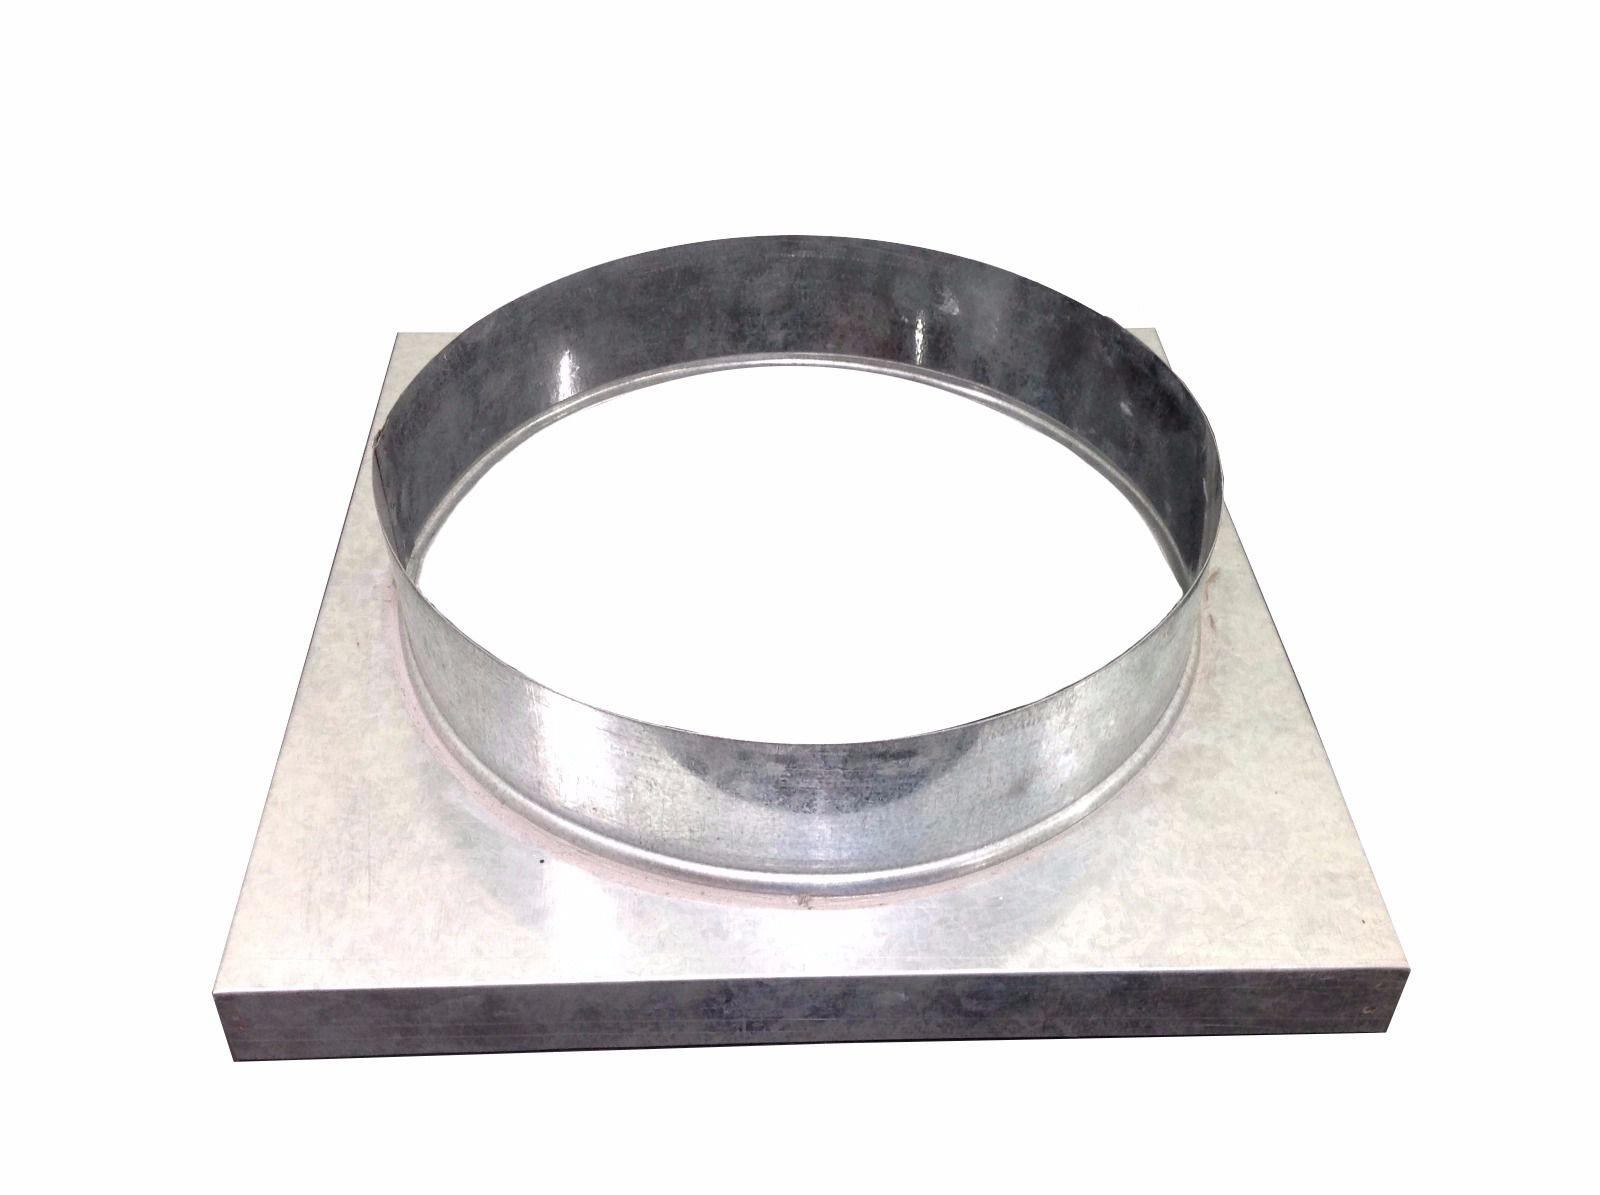 Adaptador galvanizado de quadrado 30,5 x 30,5 cm para redondo 100 mm de diâmetro  - Galvocalhas